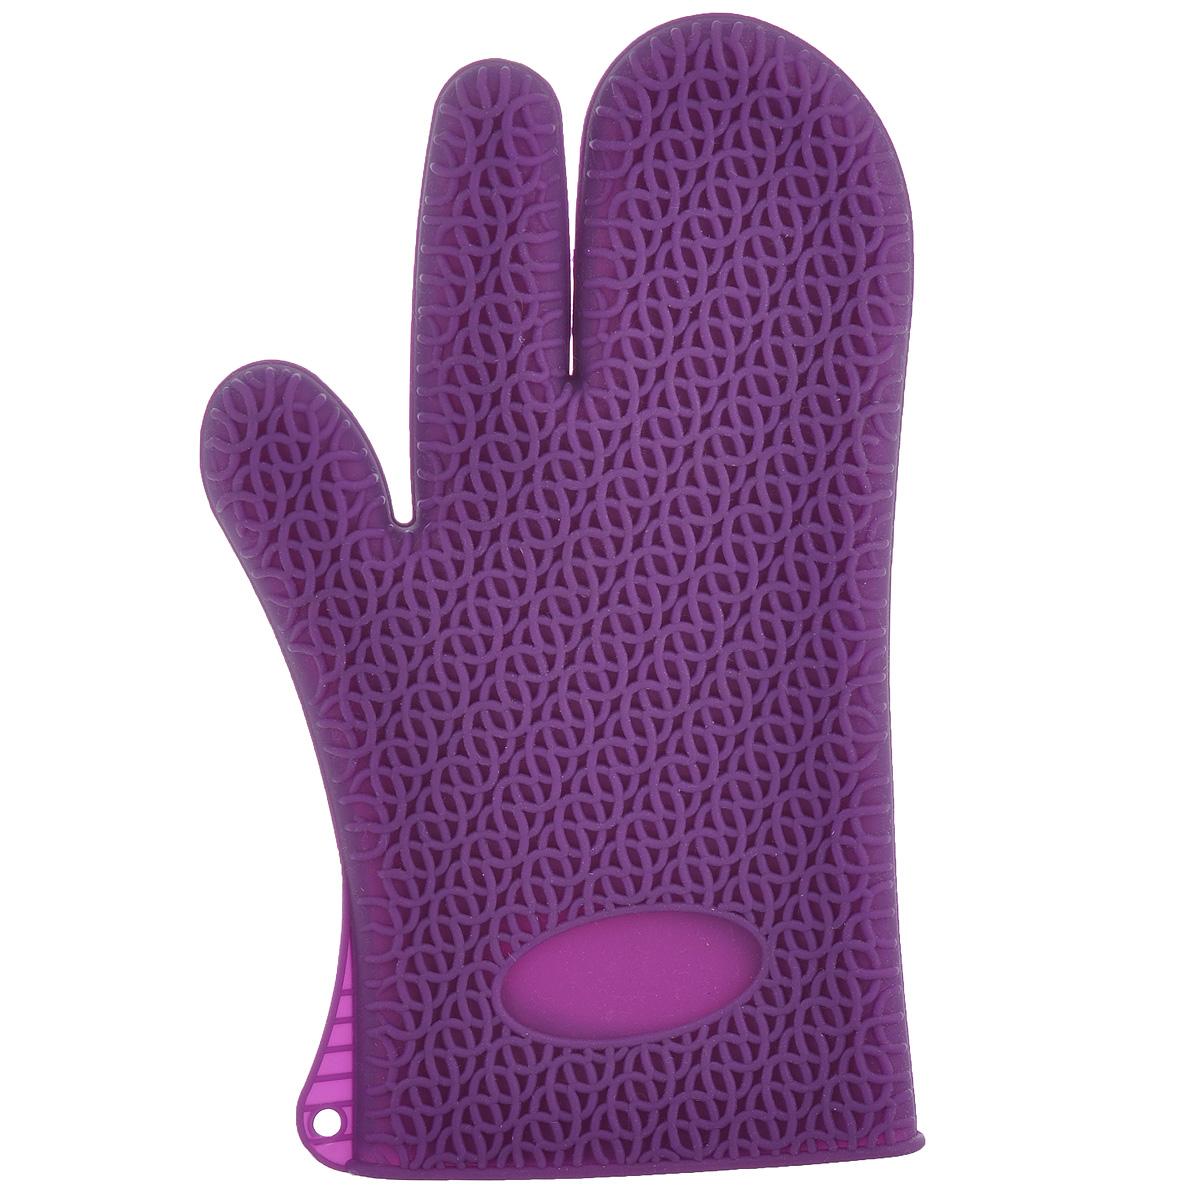 Рукавица-прихватка Marmiton, термостойкая, цвет: фиолетовый16067 фиолетовыйРукавица-прихватка Marmiton выполнена из цветного силикона, который выдерживает температуру от -40°С до +240°С. Изделие приятное на ощупь, невероятно гибкое и прочное. Рукавица имеет рельефную поверхность, что обеспечивает еще более надежный хват. С помощью такой рукавицы ваши руки будут защищены от ожогов, когда вы будете ставить в печь или доставать из нее выпечку. Изделие оснащено петелькой для подвешивания на крючок В комплект входит брошюра с рецептами.